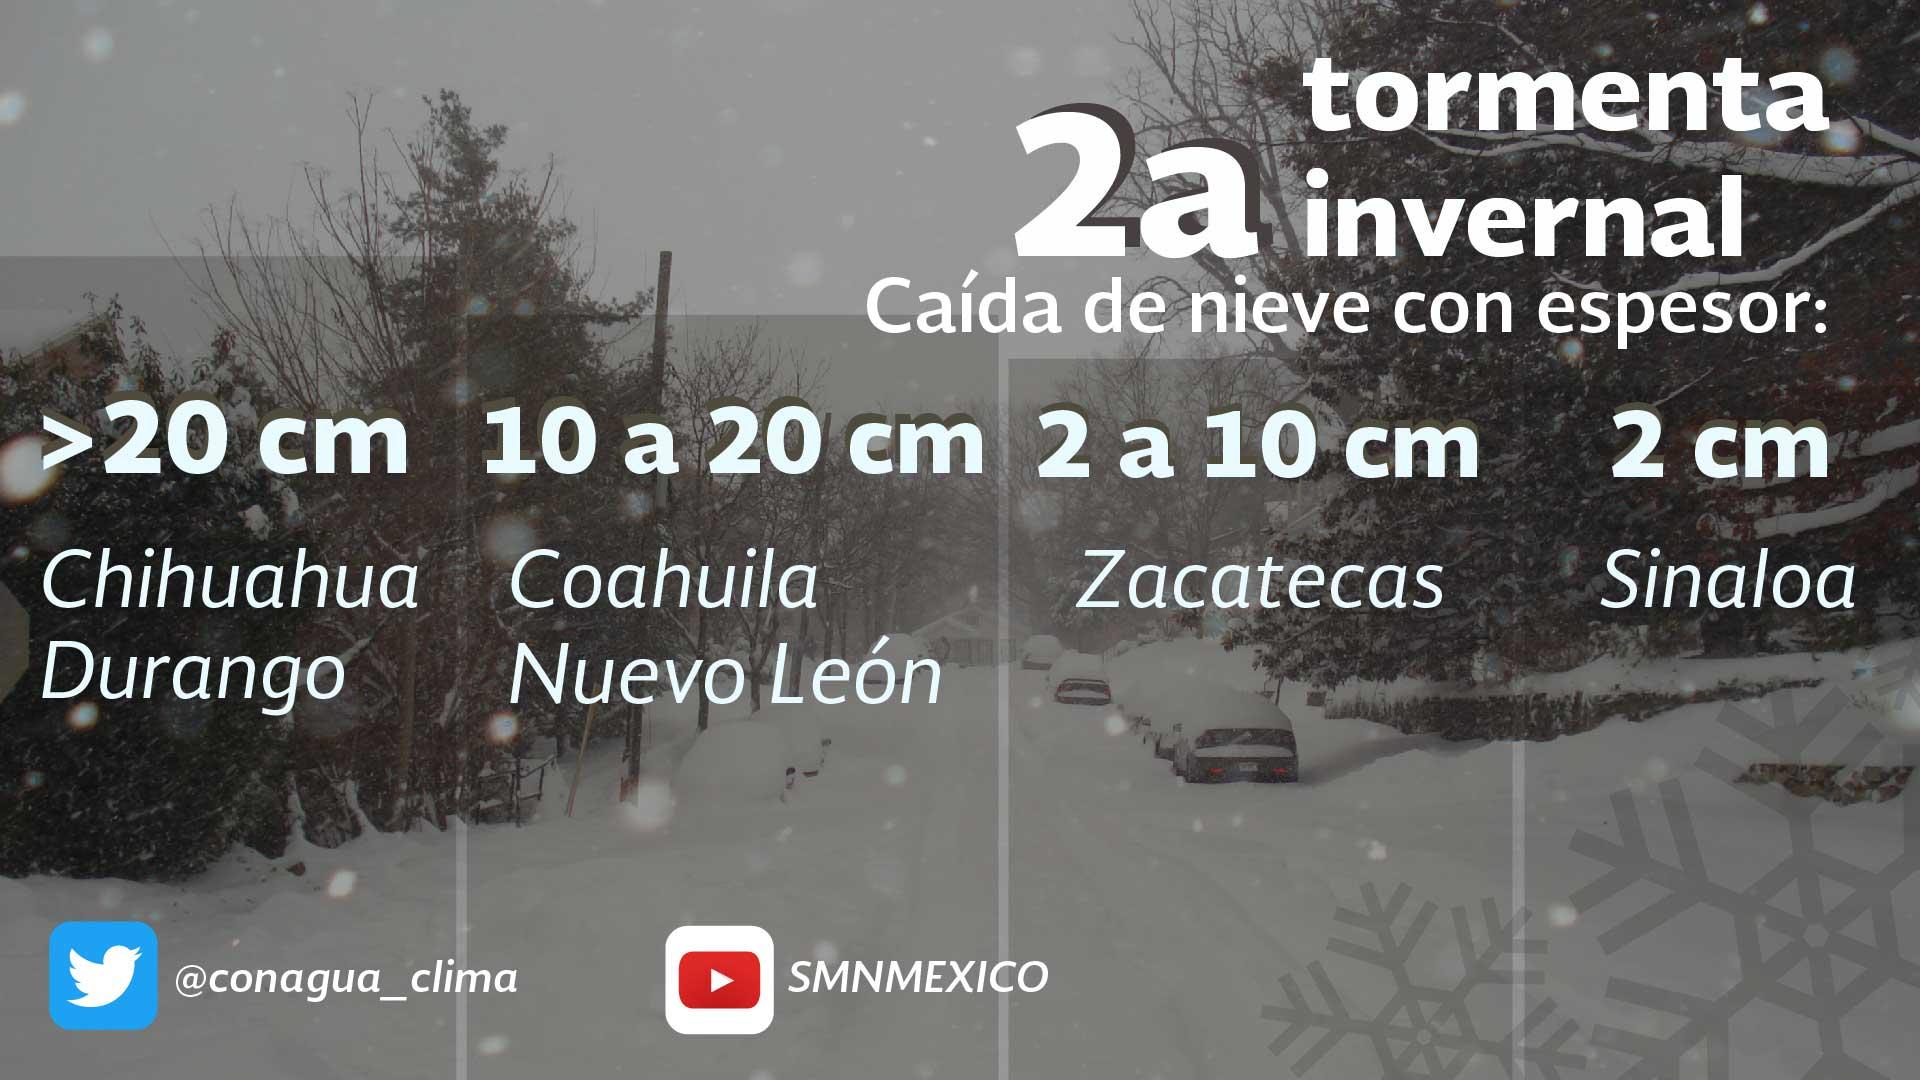 Temperaturas mínimas de 0 a -5.0 grados Celsius, se prevén para Tlaxcala